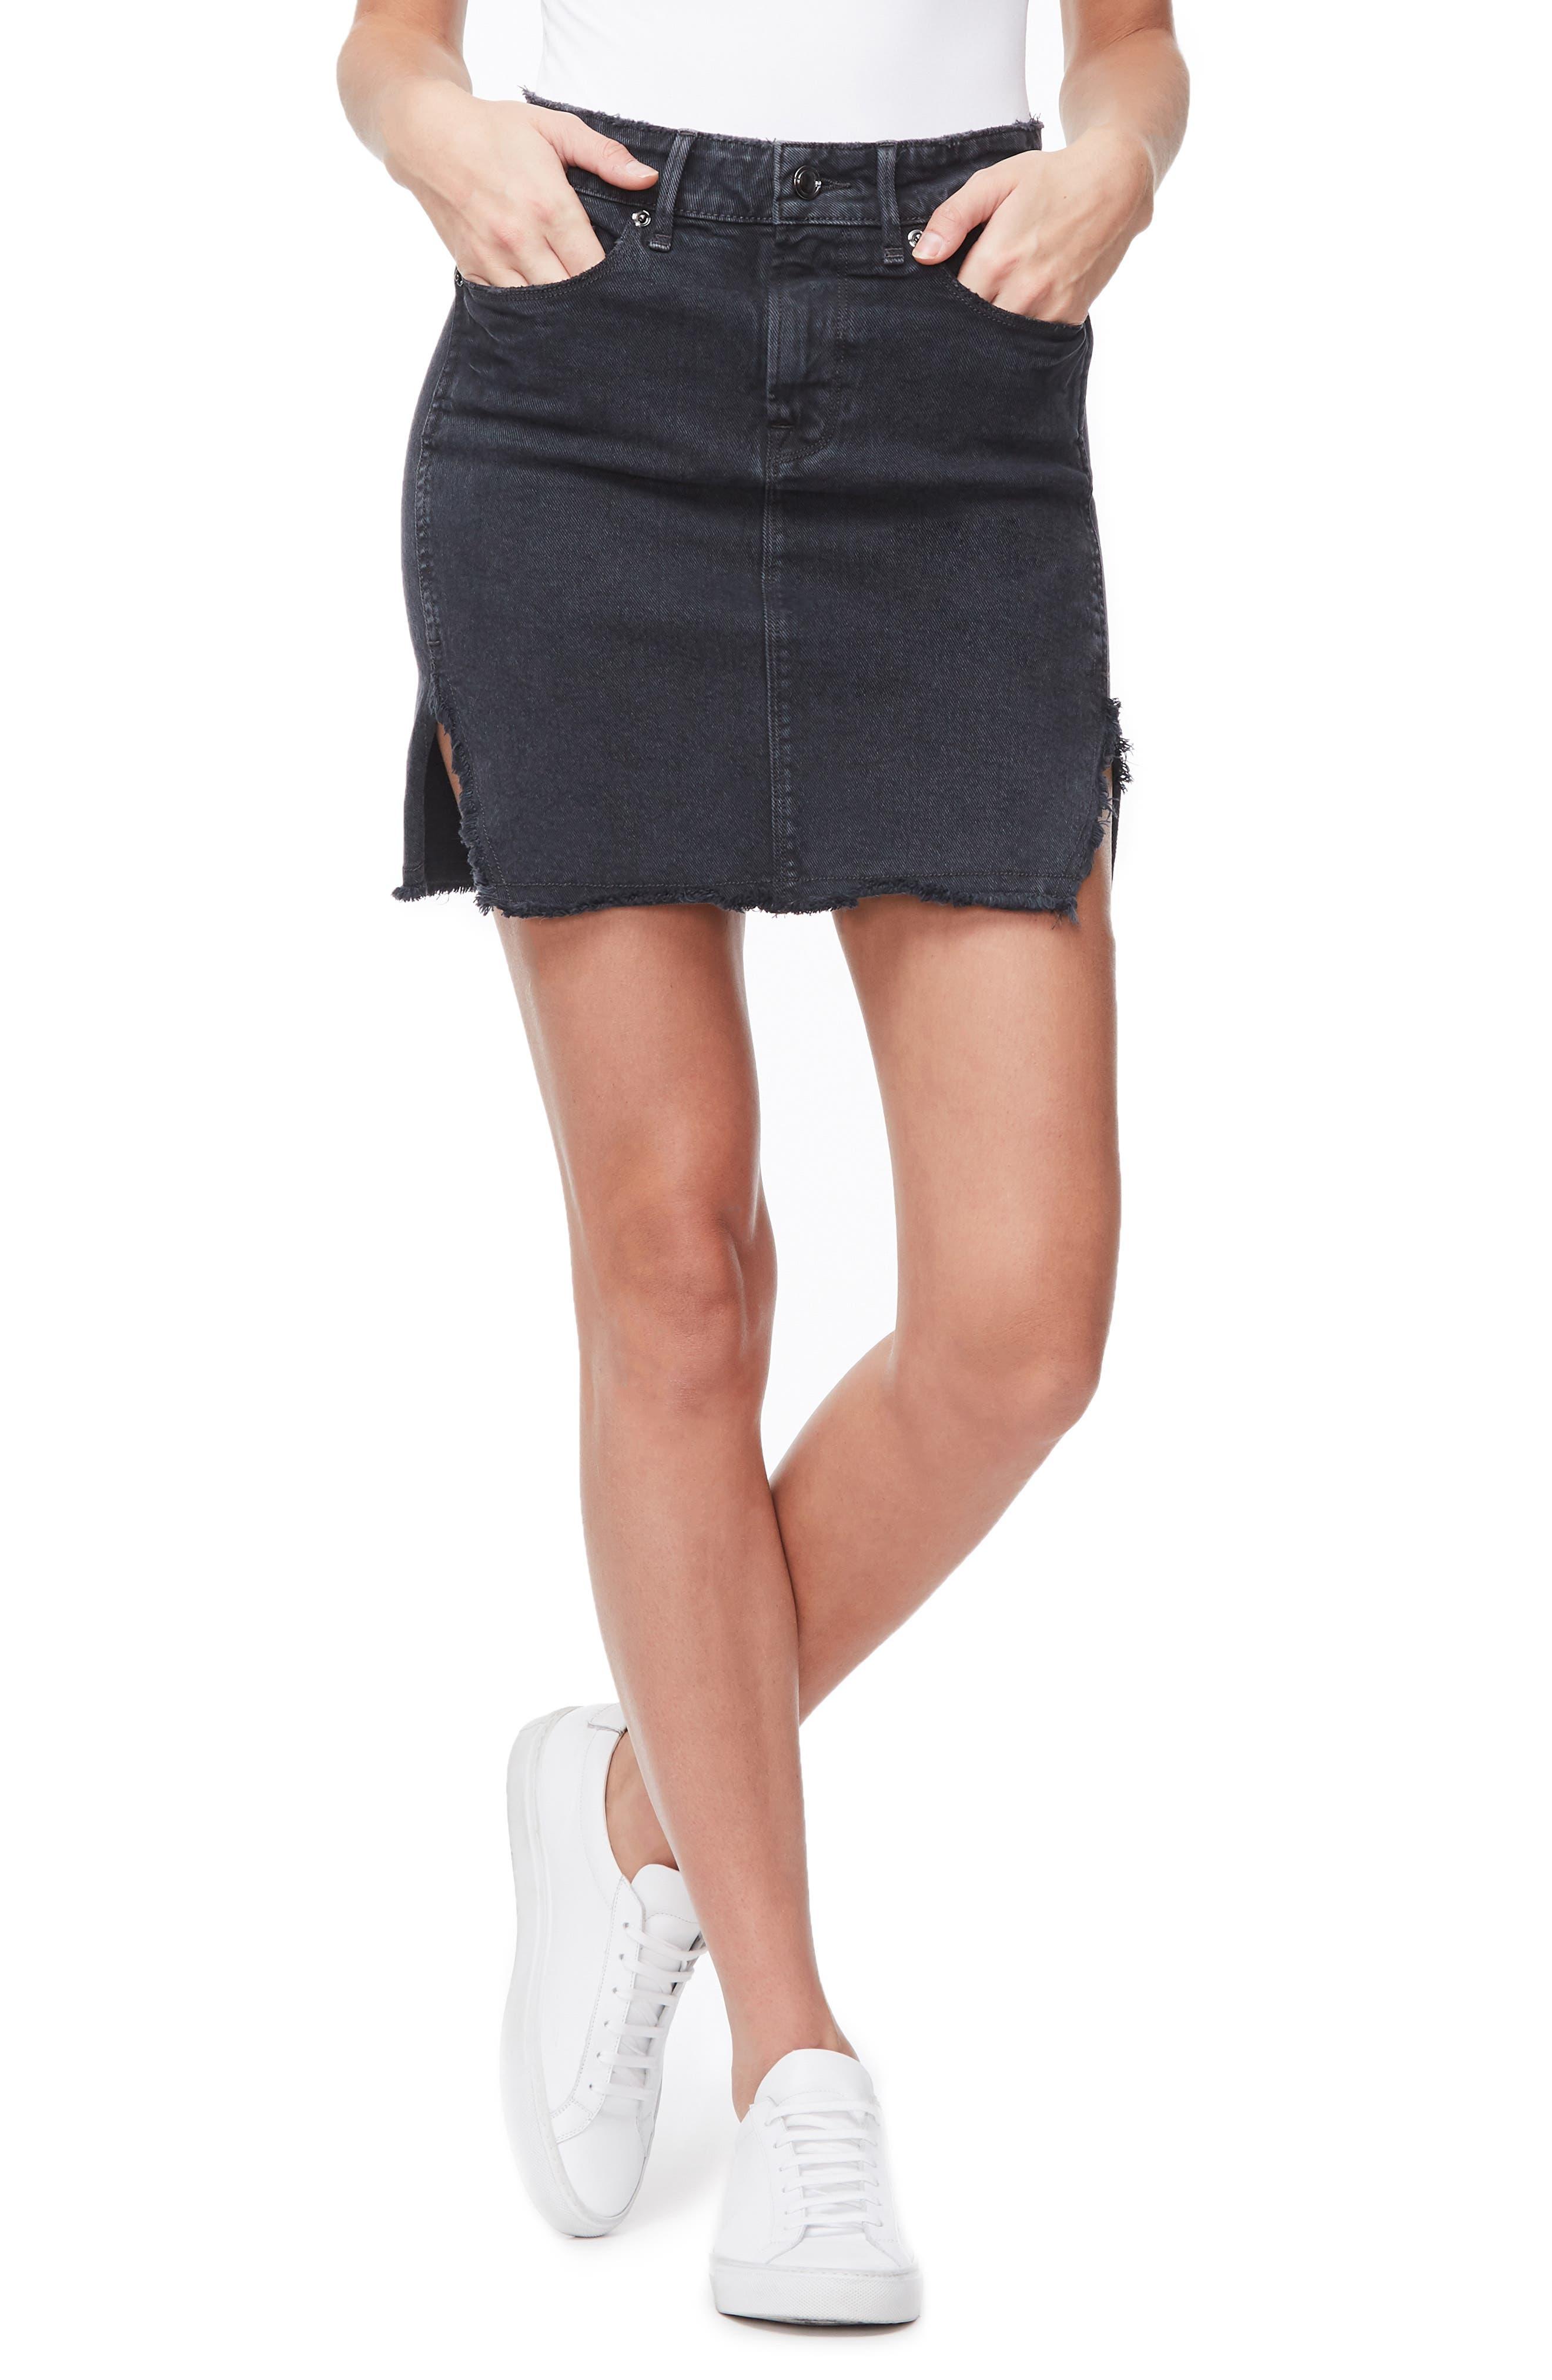 Image of Good American The Bombshell Frayed Denim Miniskirt